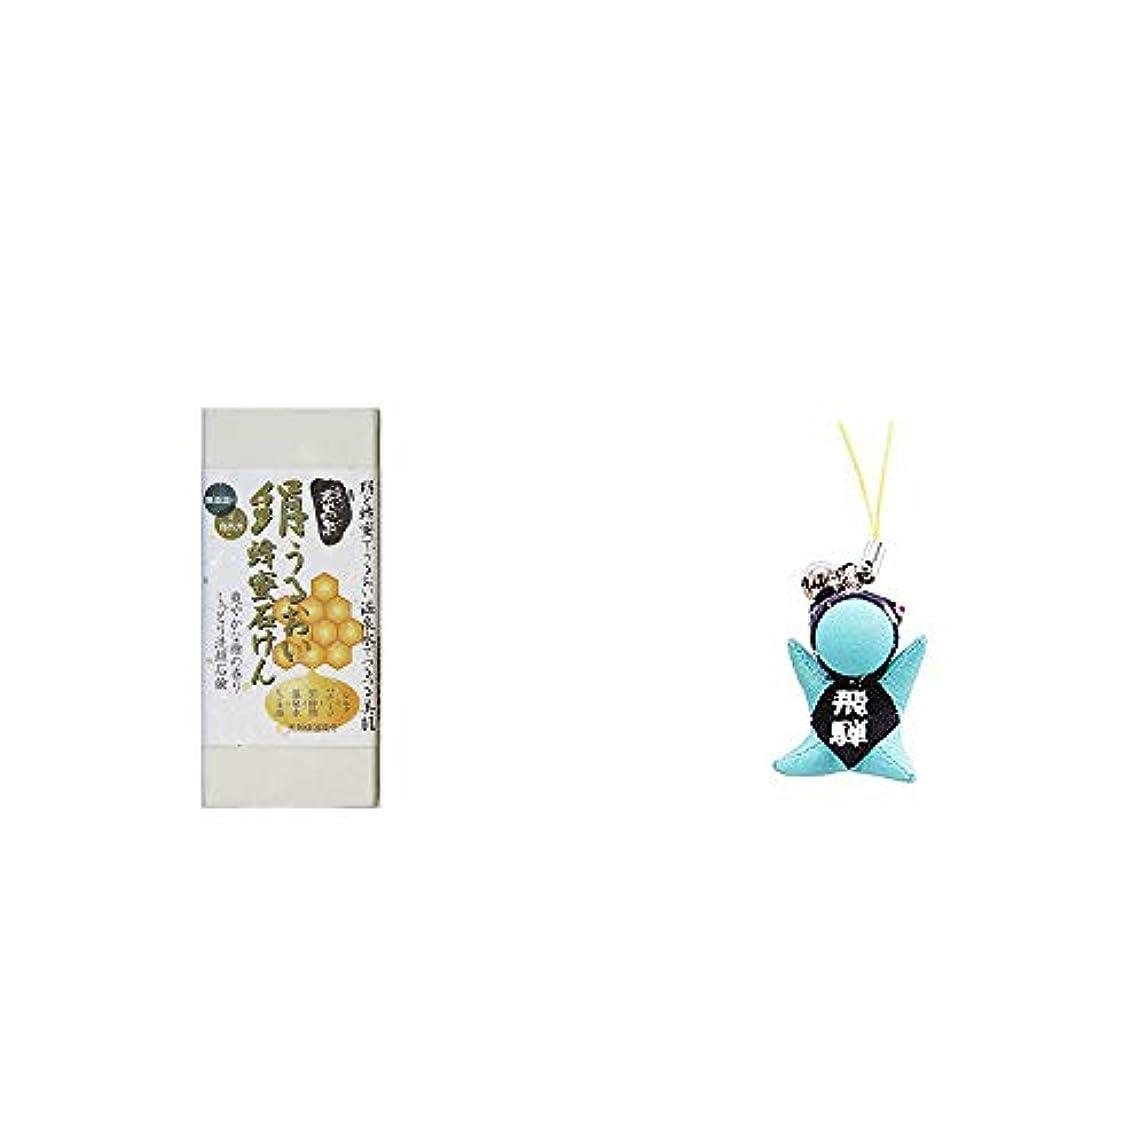 チップ国内の副産物[2点セット] ひのき炭黒泉 絹うるおい蜂蜜石けん(75g×2)?さるぼぼ幸福ストラップ 【青】 / 風水カラー全9種類 合格祈願?出世祈願 お守り//